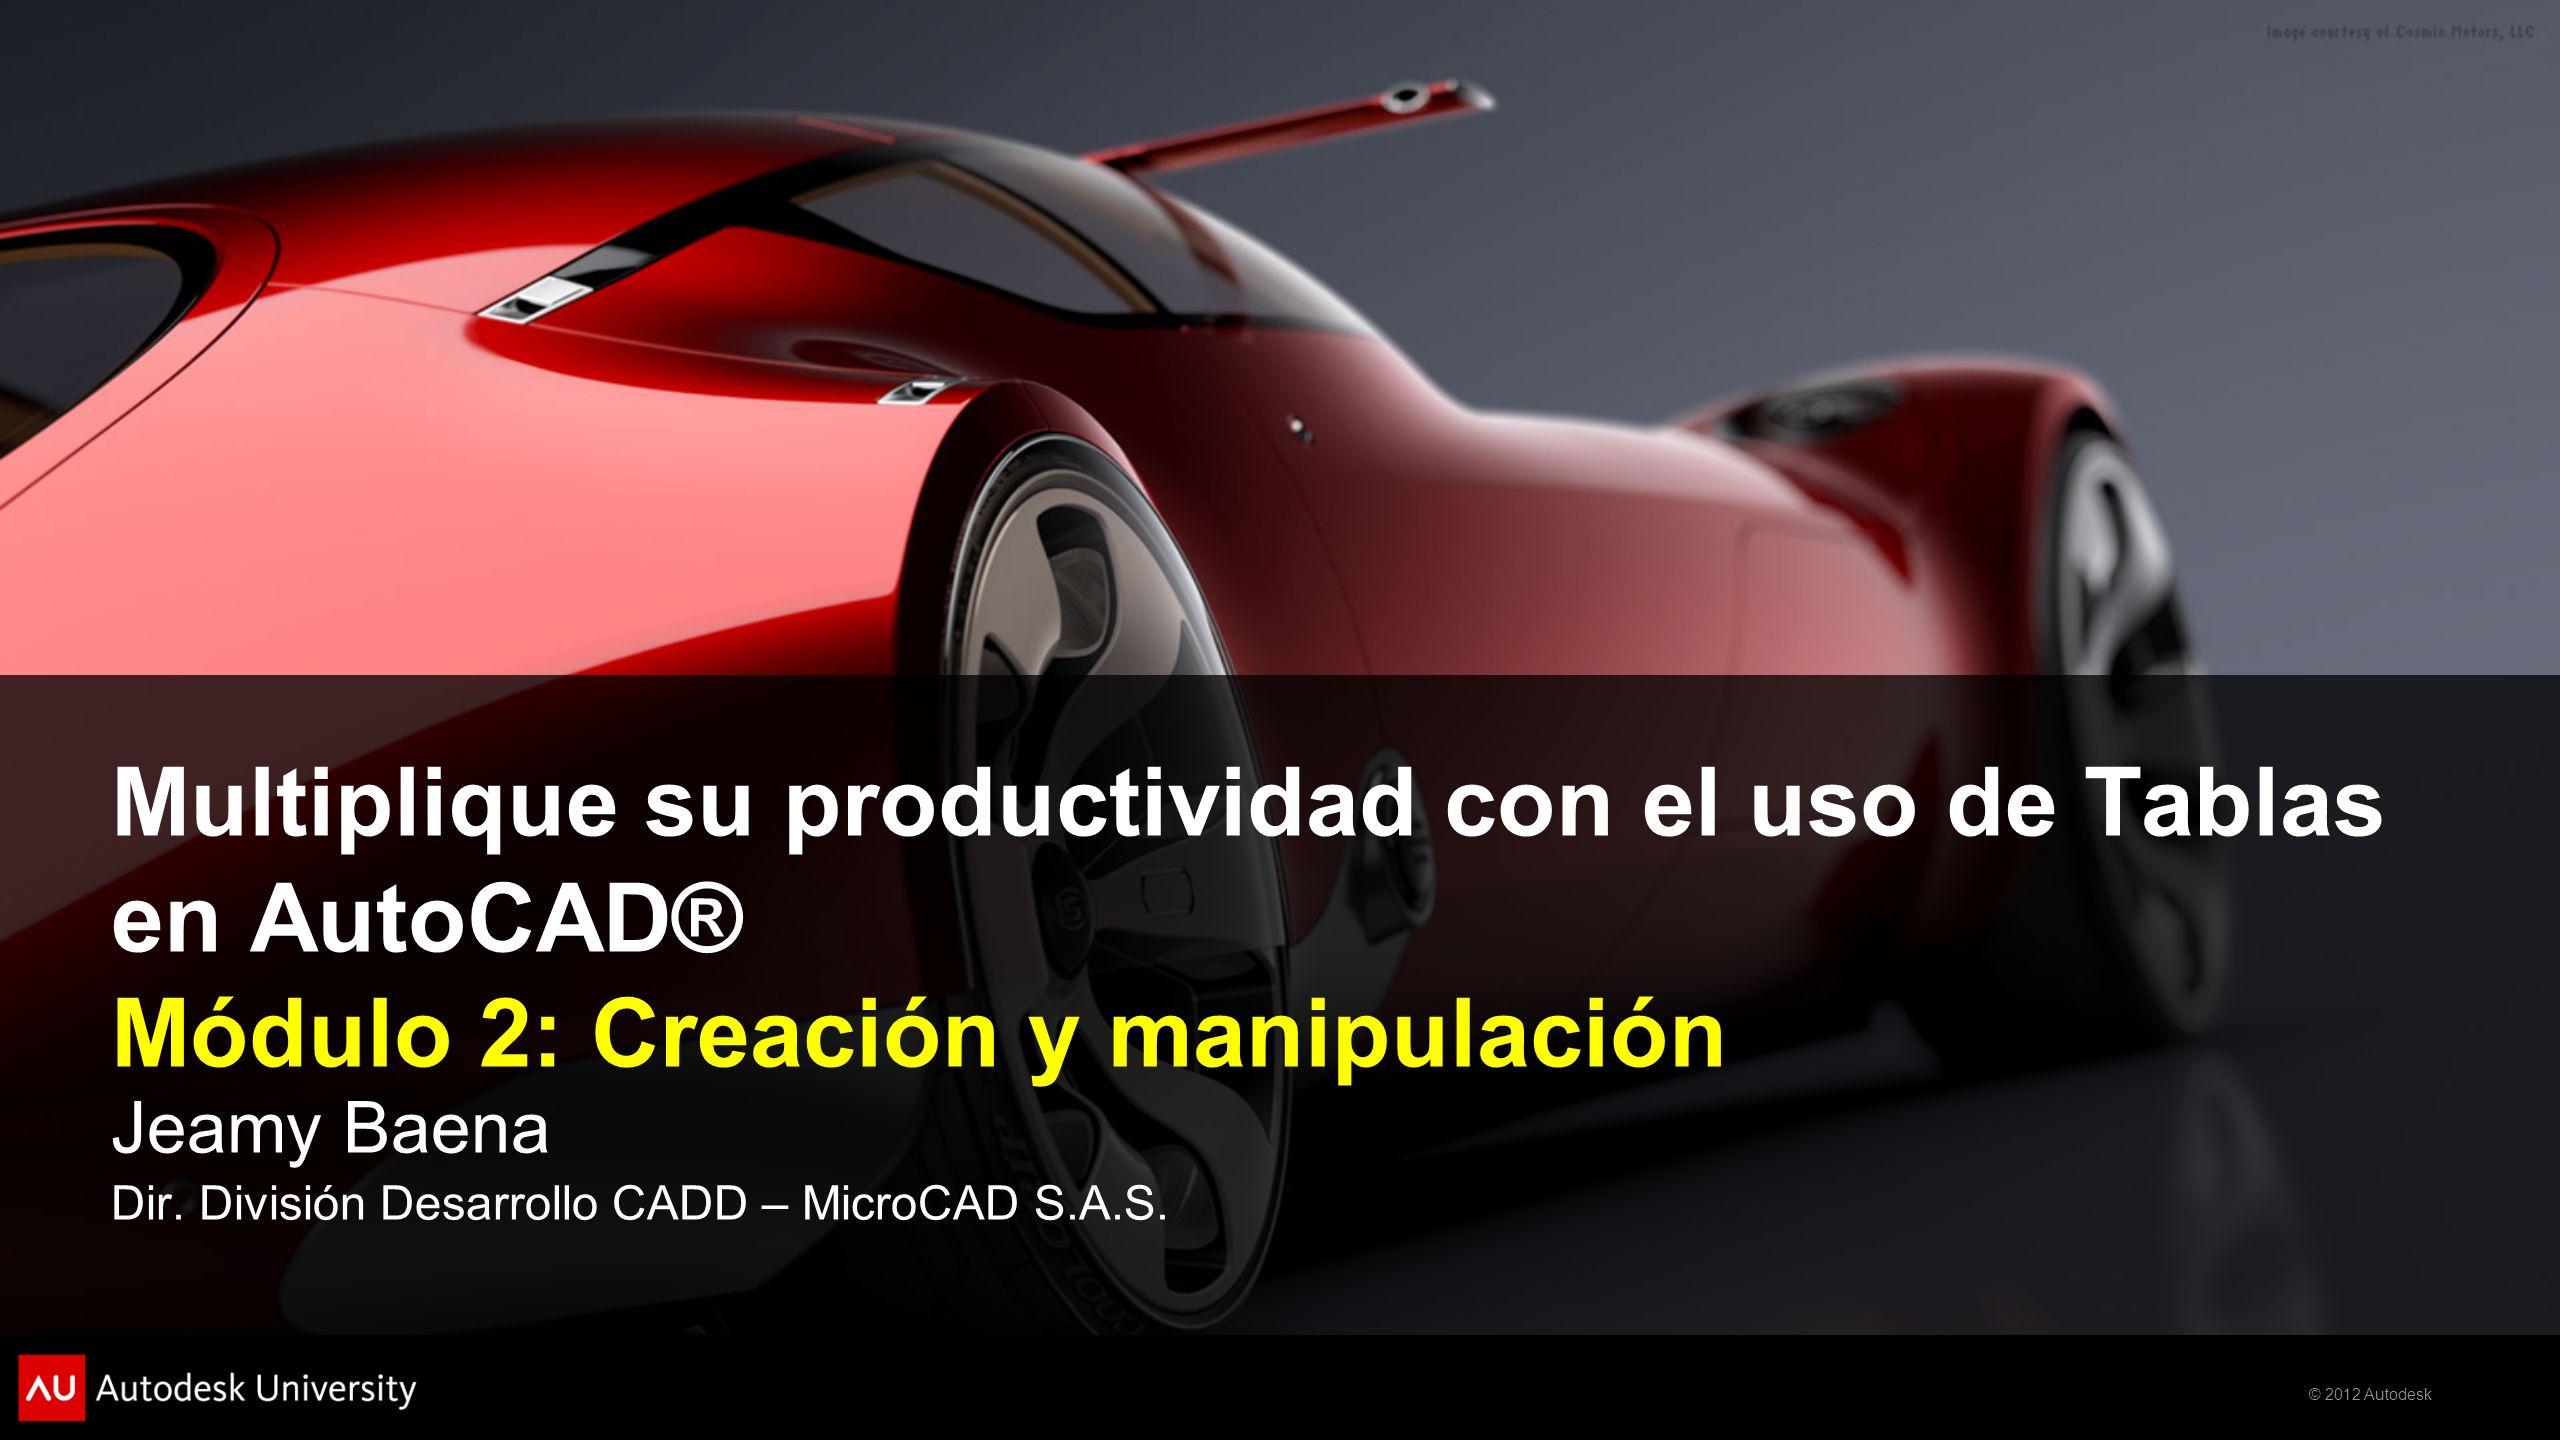 Multiplique su productividad con el uso de Tablas en AutoCAD® Módulo 2: Creación y manipulación